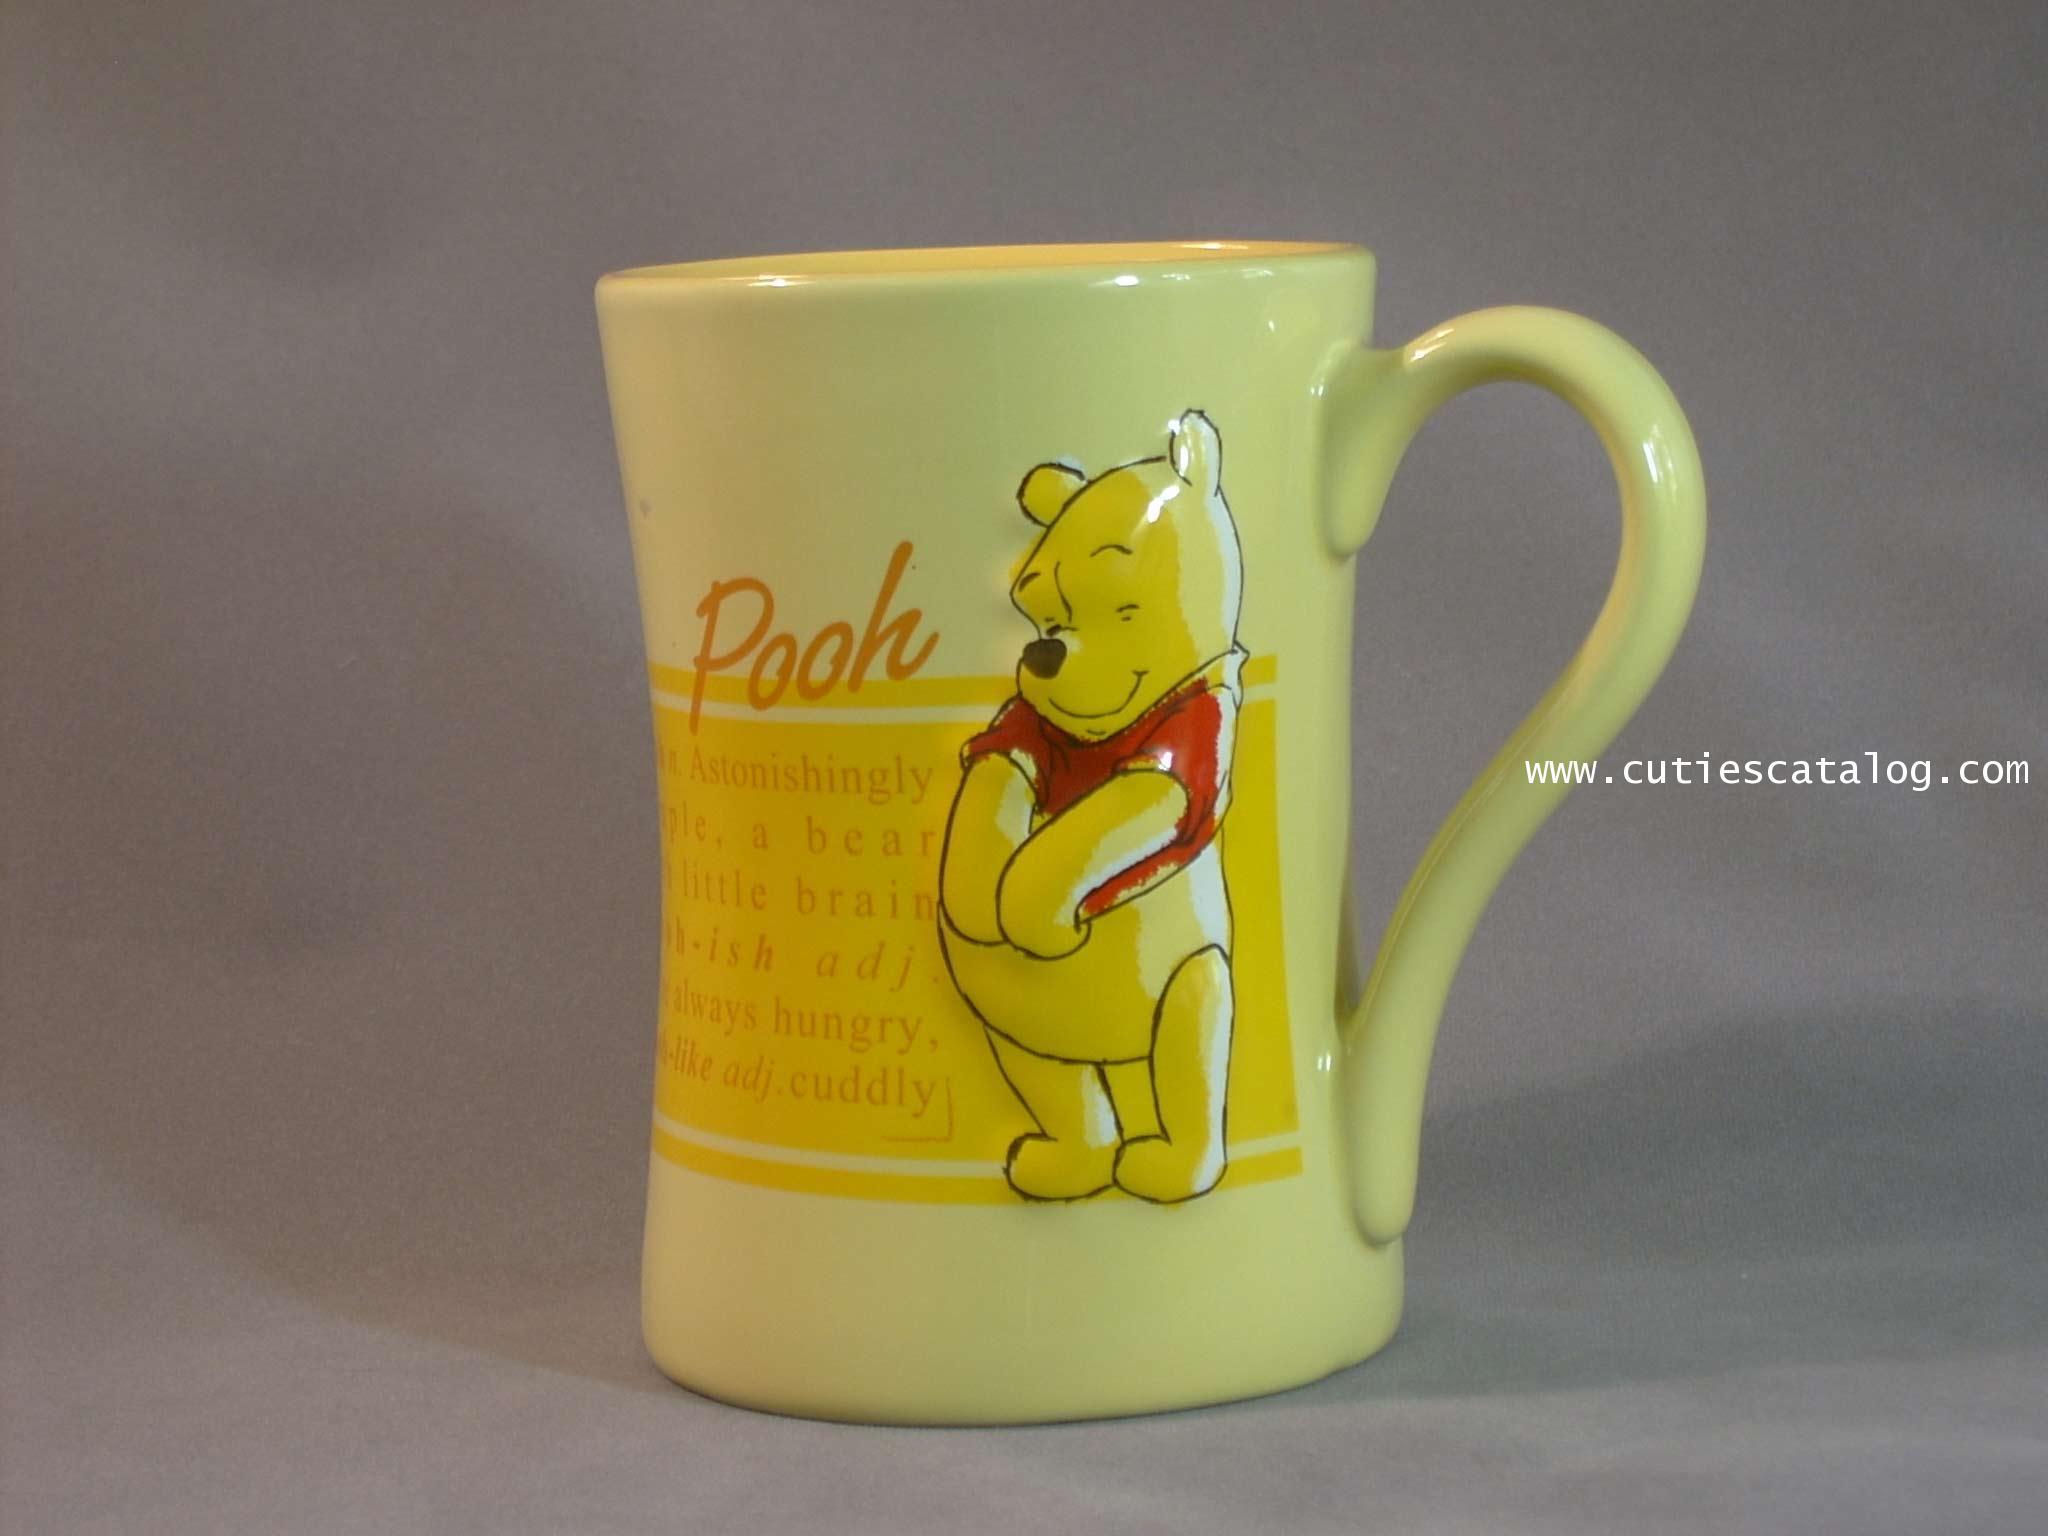 แก้วดิสนีย์ ชุดมีนนิ่ง ลายหมีพูห์(pooh)